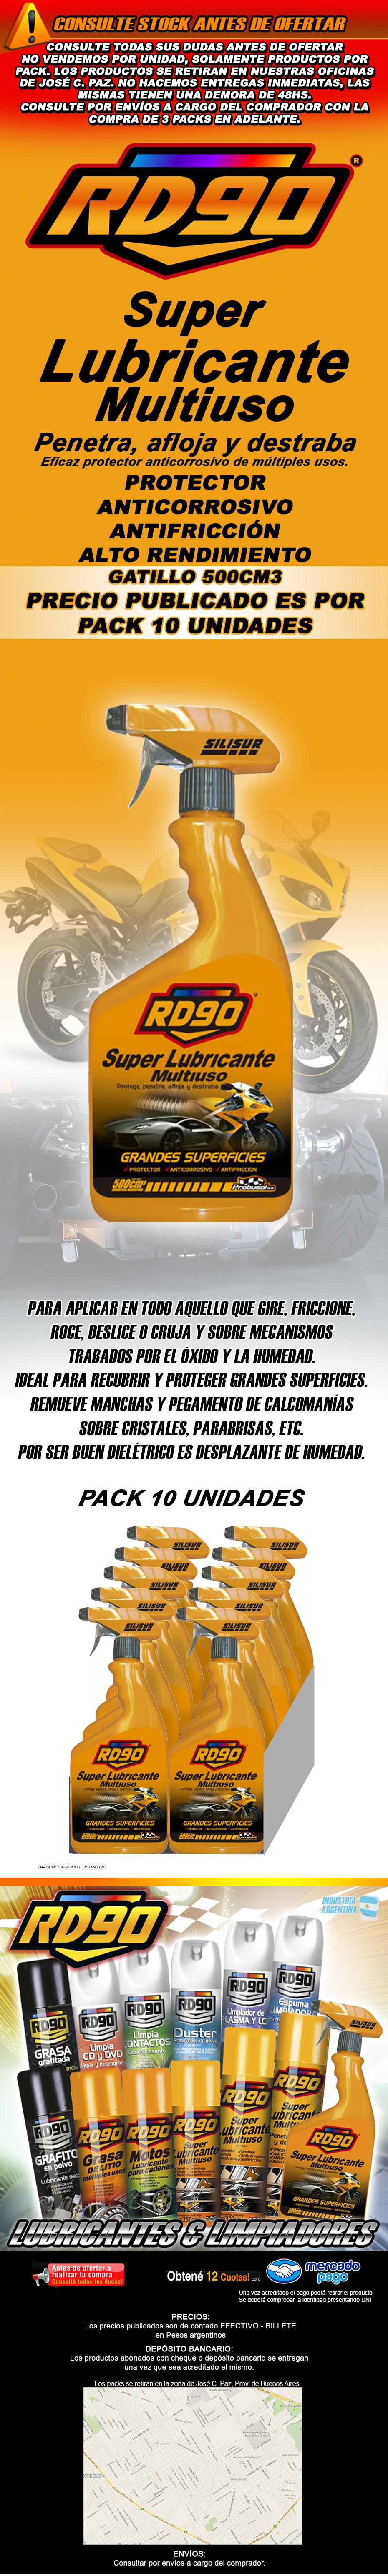 RD90 SUPER LUBRICANTE MULTIUSO GATILLO 500CC PACK 10UNIDADES